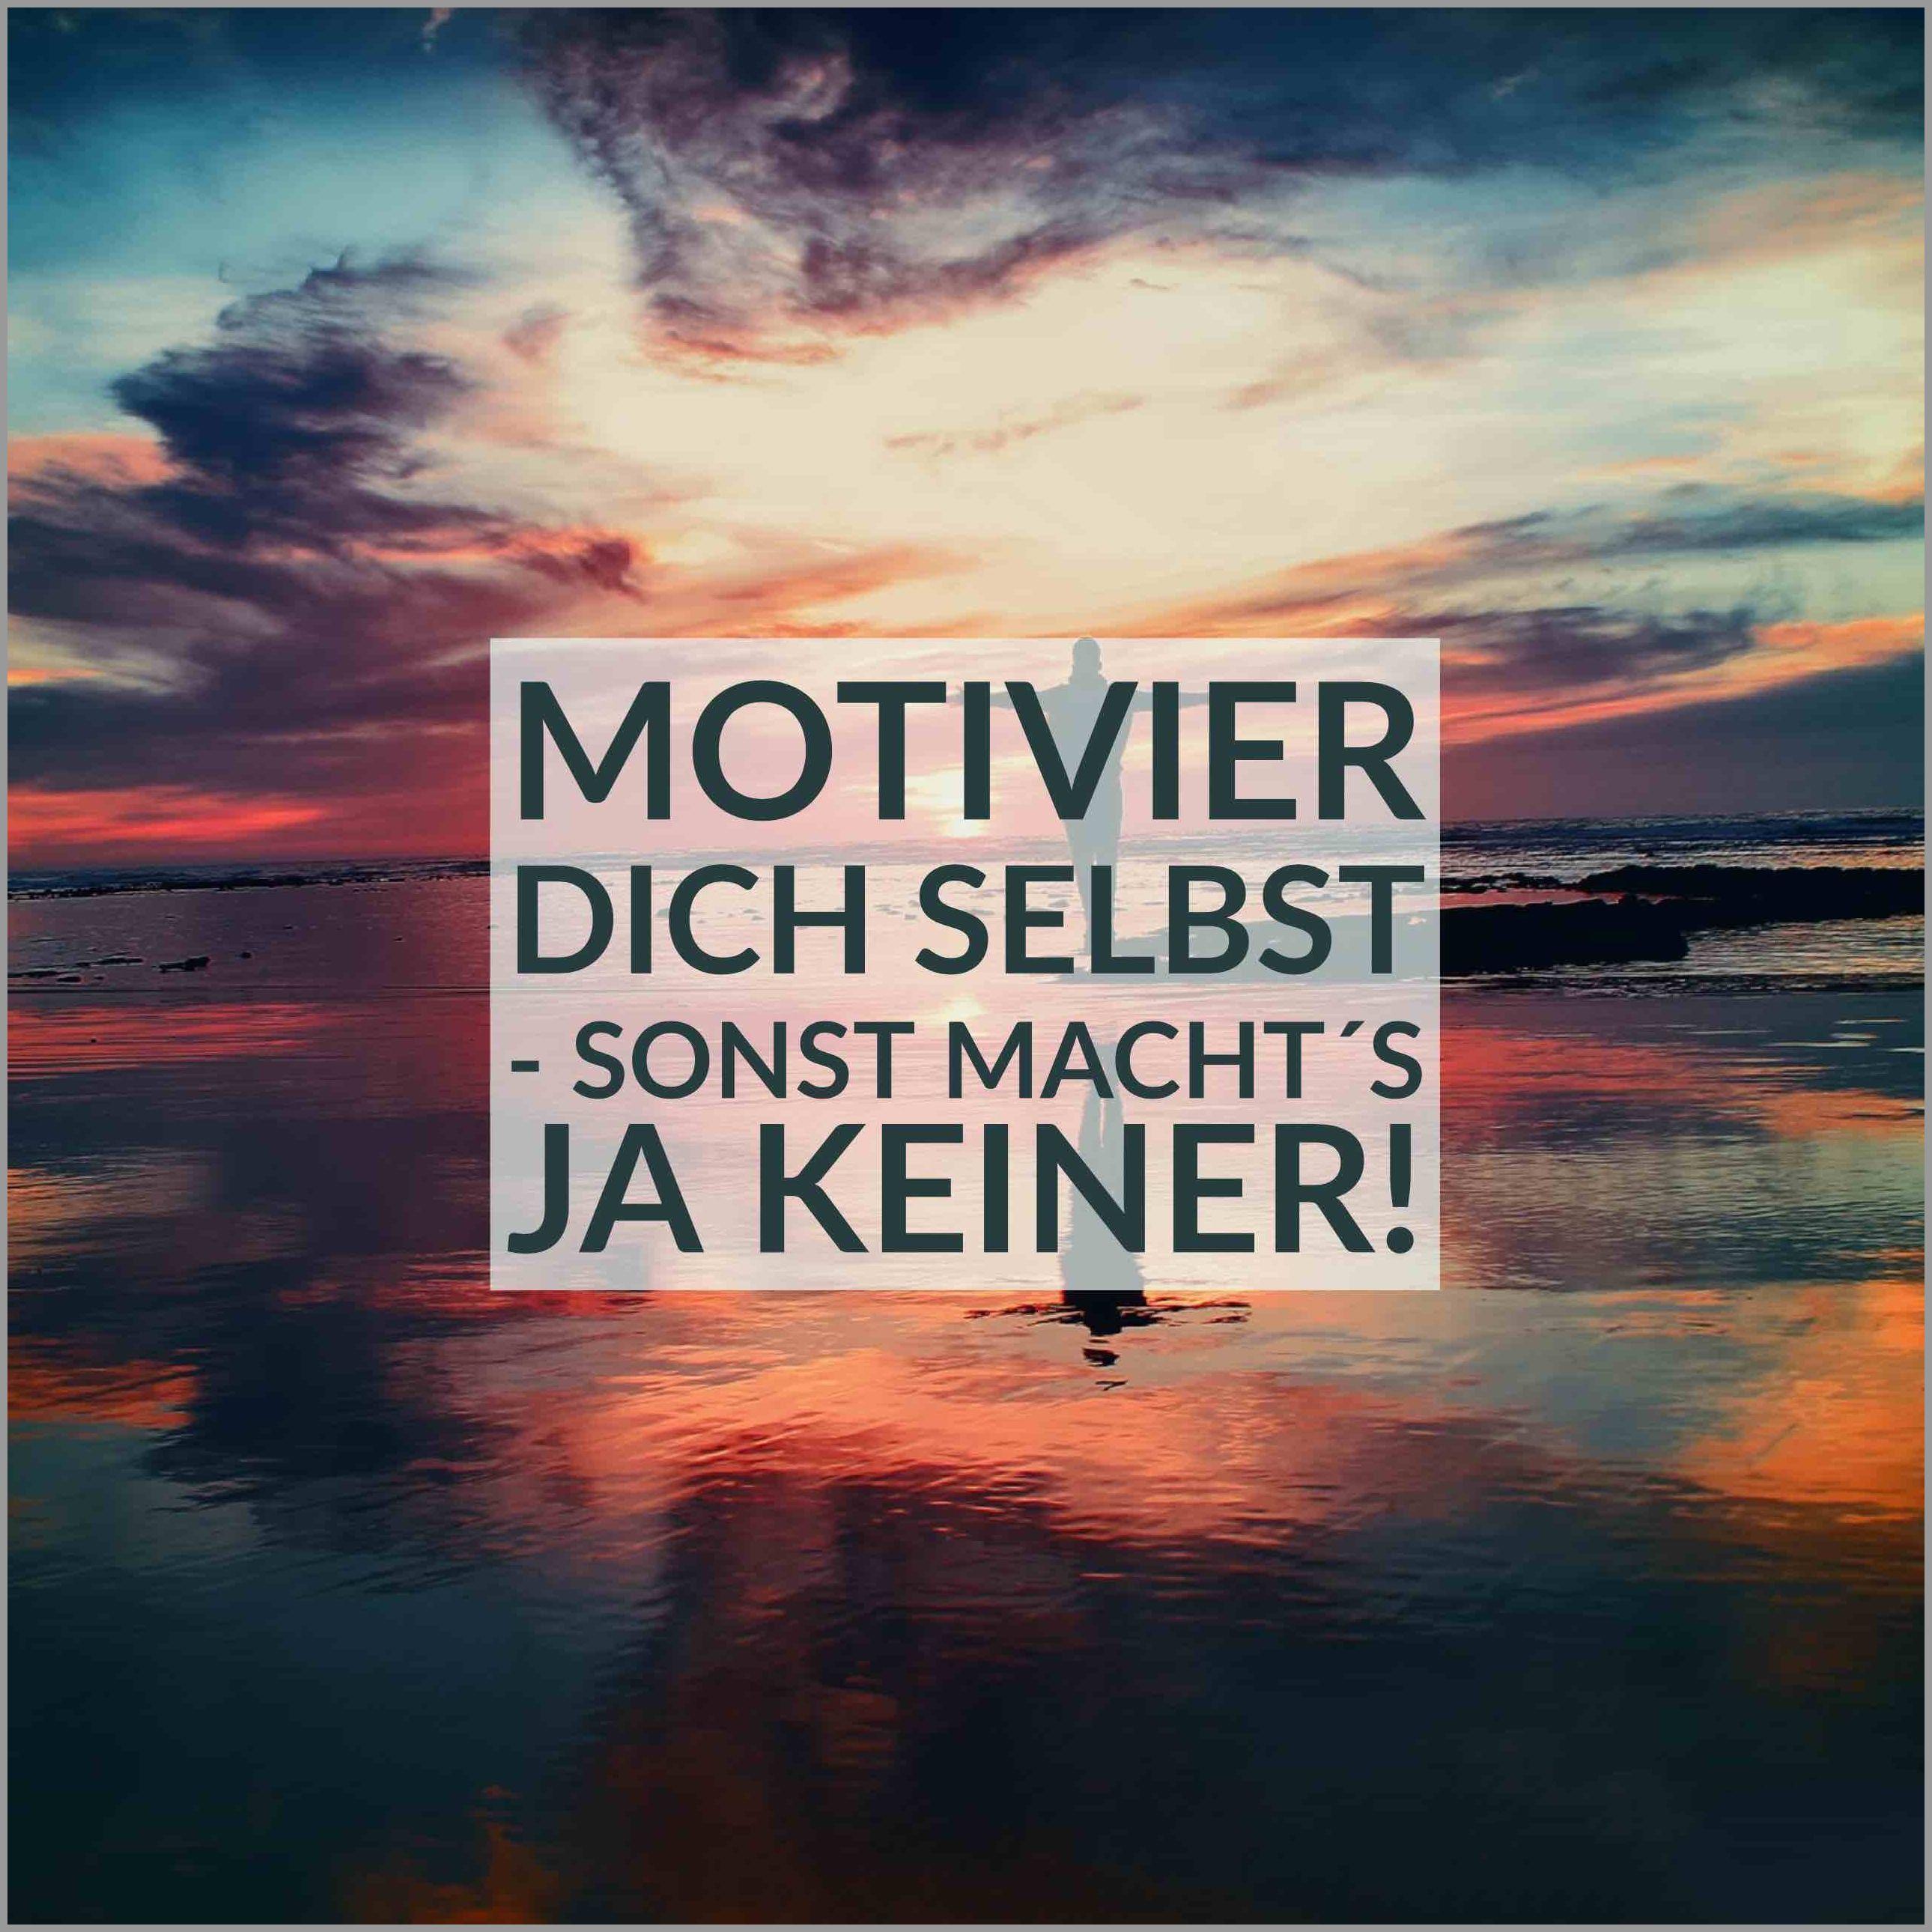 Motivier dich selbst sonst macht s ja keiner - Motivier dich selbst sonst macht s ja keiner